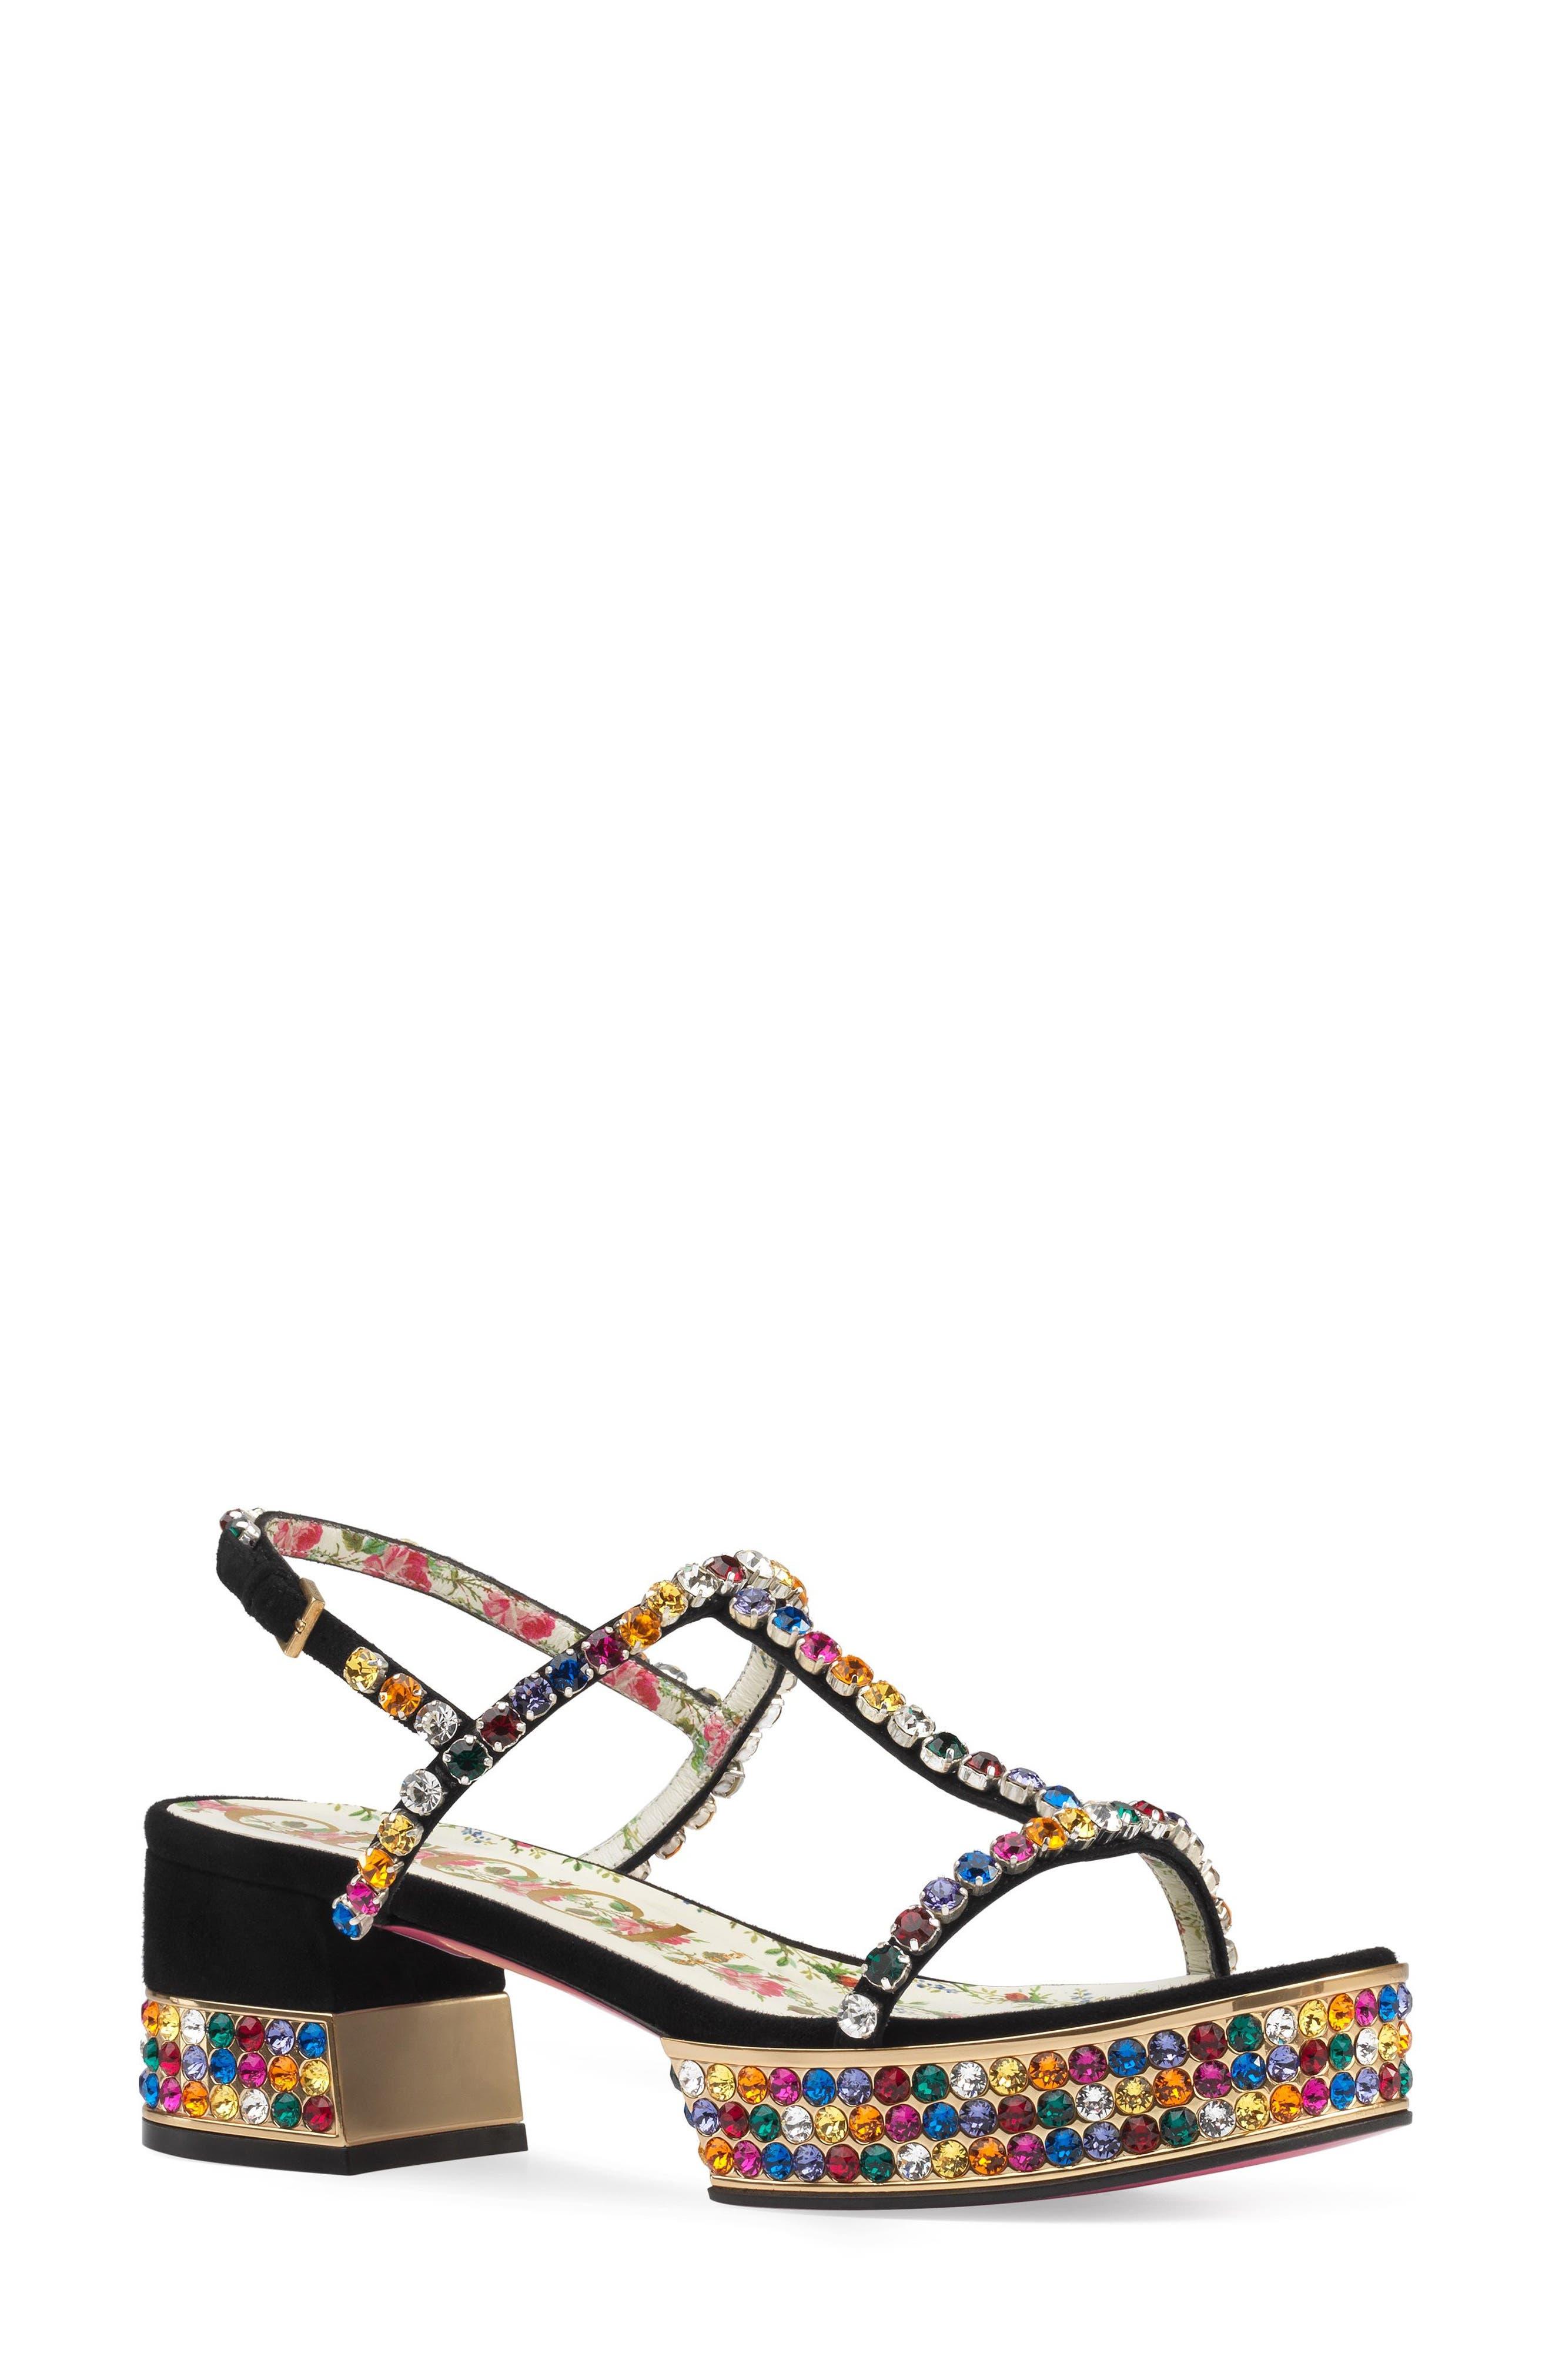 Mira Crystal Embellished Platform Sandal,                         Main,                         color, Black Multi